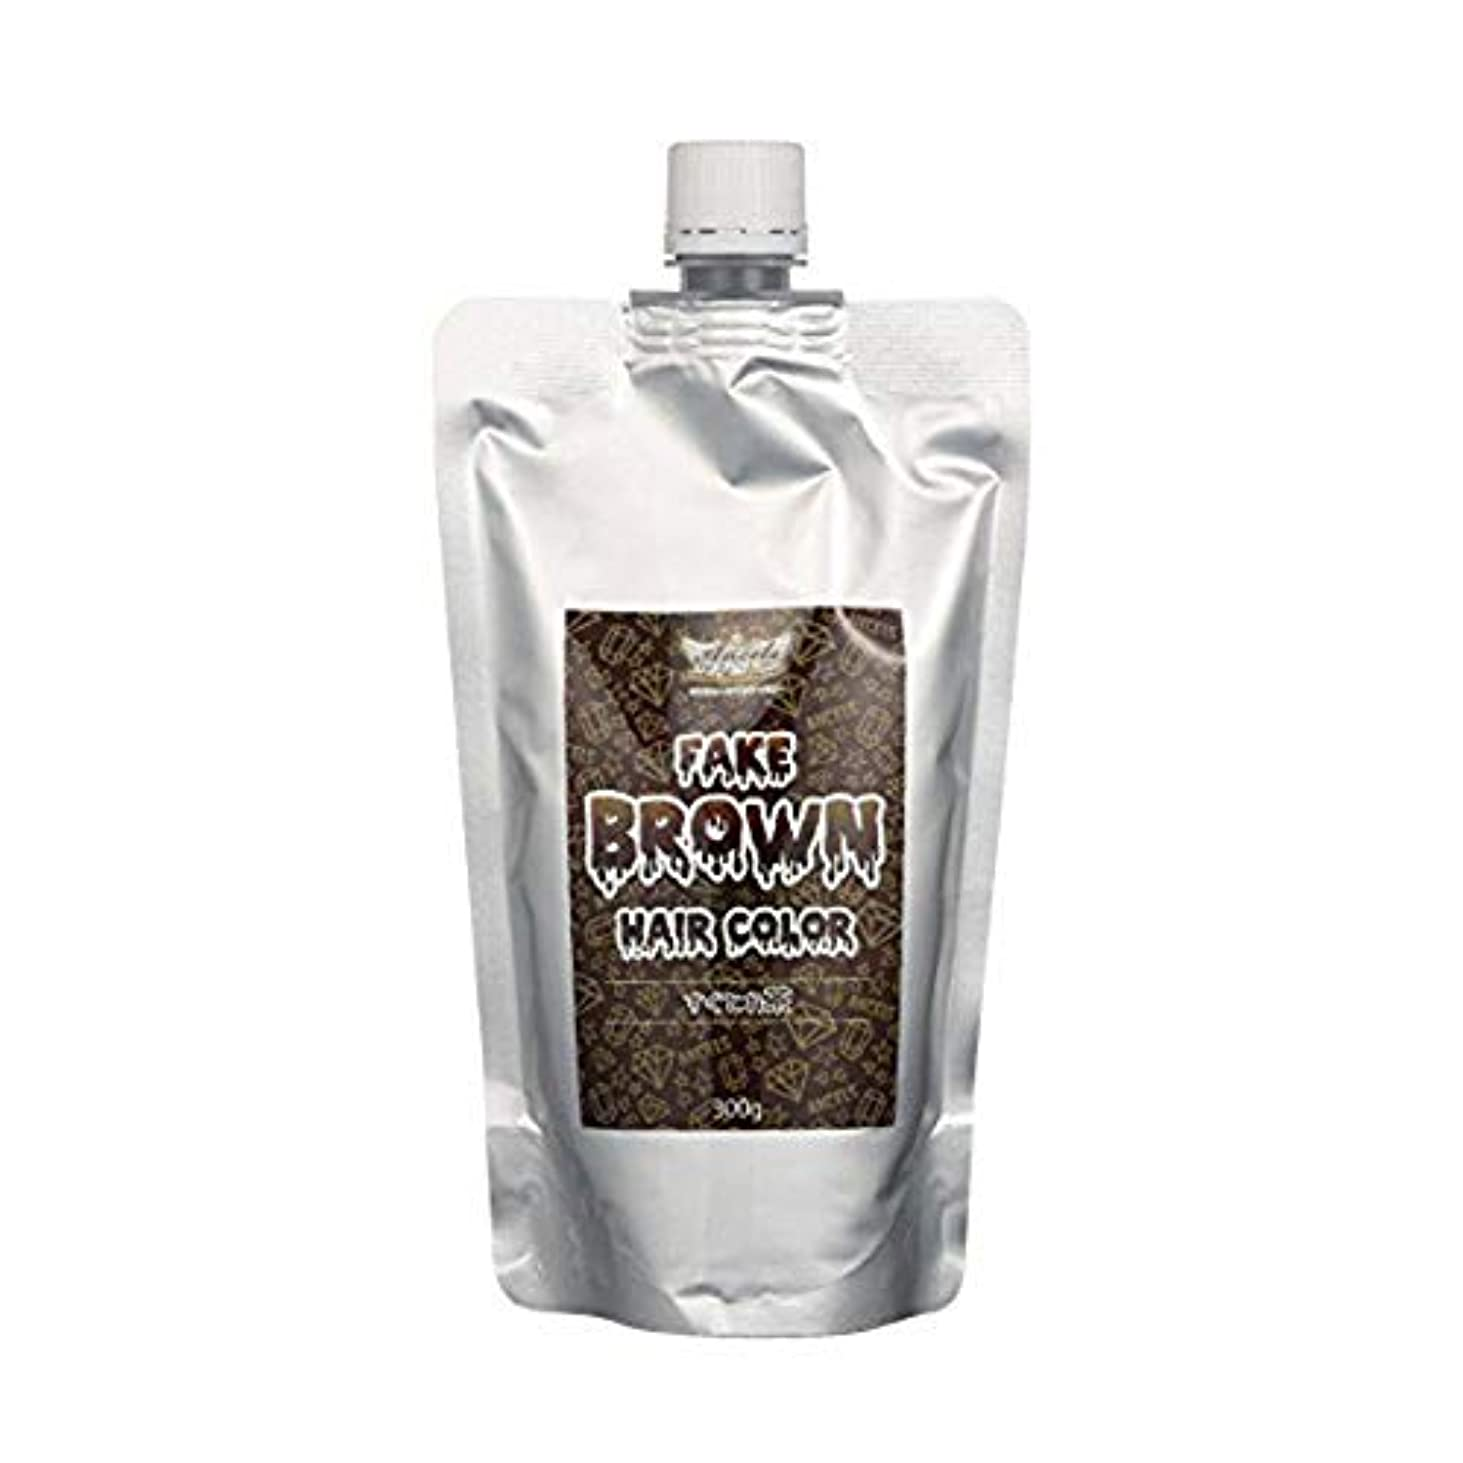 くしゃくしゃレトルト保持passion エンシェールズ すぐとれシリーズ すぐとれ黒 すぐとれ茶 FAKE フェイクブラック フェイクブラウン カラーバター カラートリートメント 300g すぐとれ茶